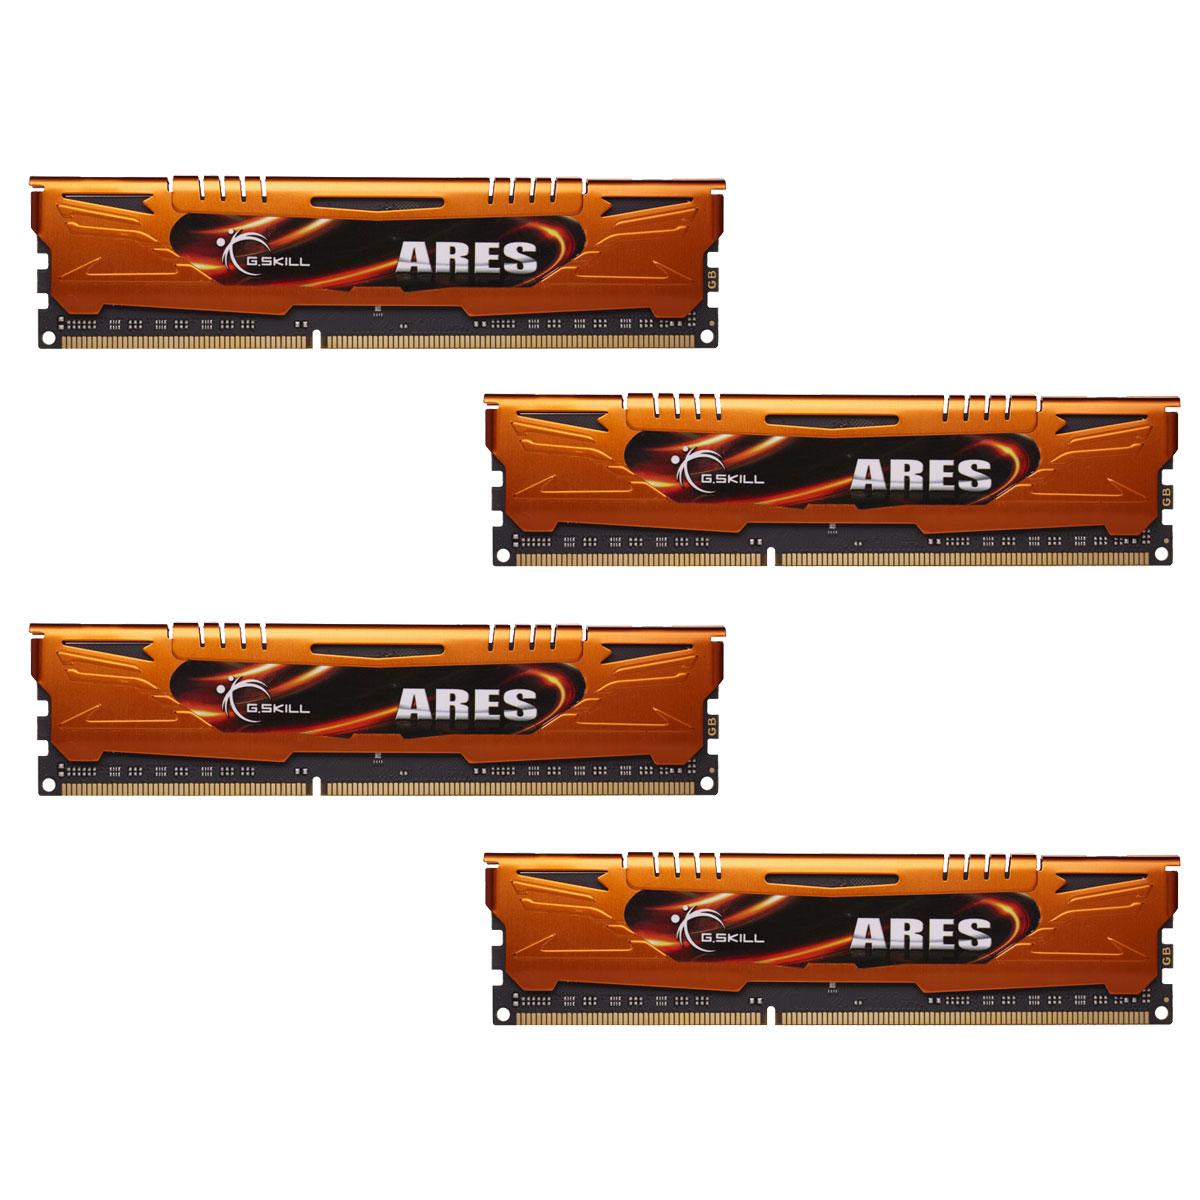 Mémoire PC G.Skill Ares Orange Series 32 Go (4 x 8 Go) DDR3 1600 MHz CL10 Kit Quad Channel DDR3 PC3-12800 - F3-1600C10Q-32GAO (garantie à vie par G.Skill)